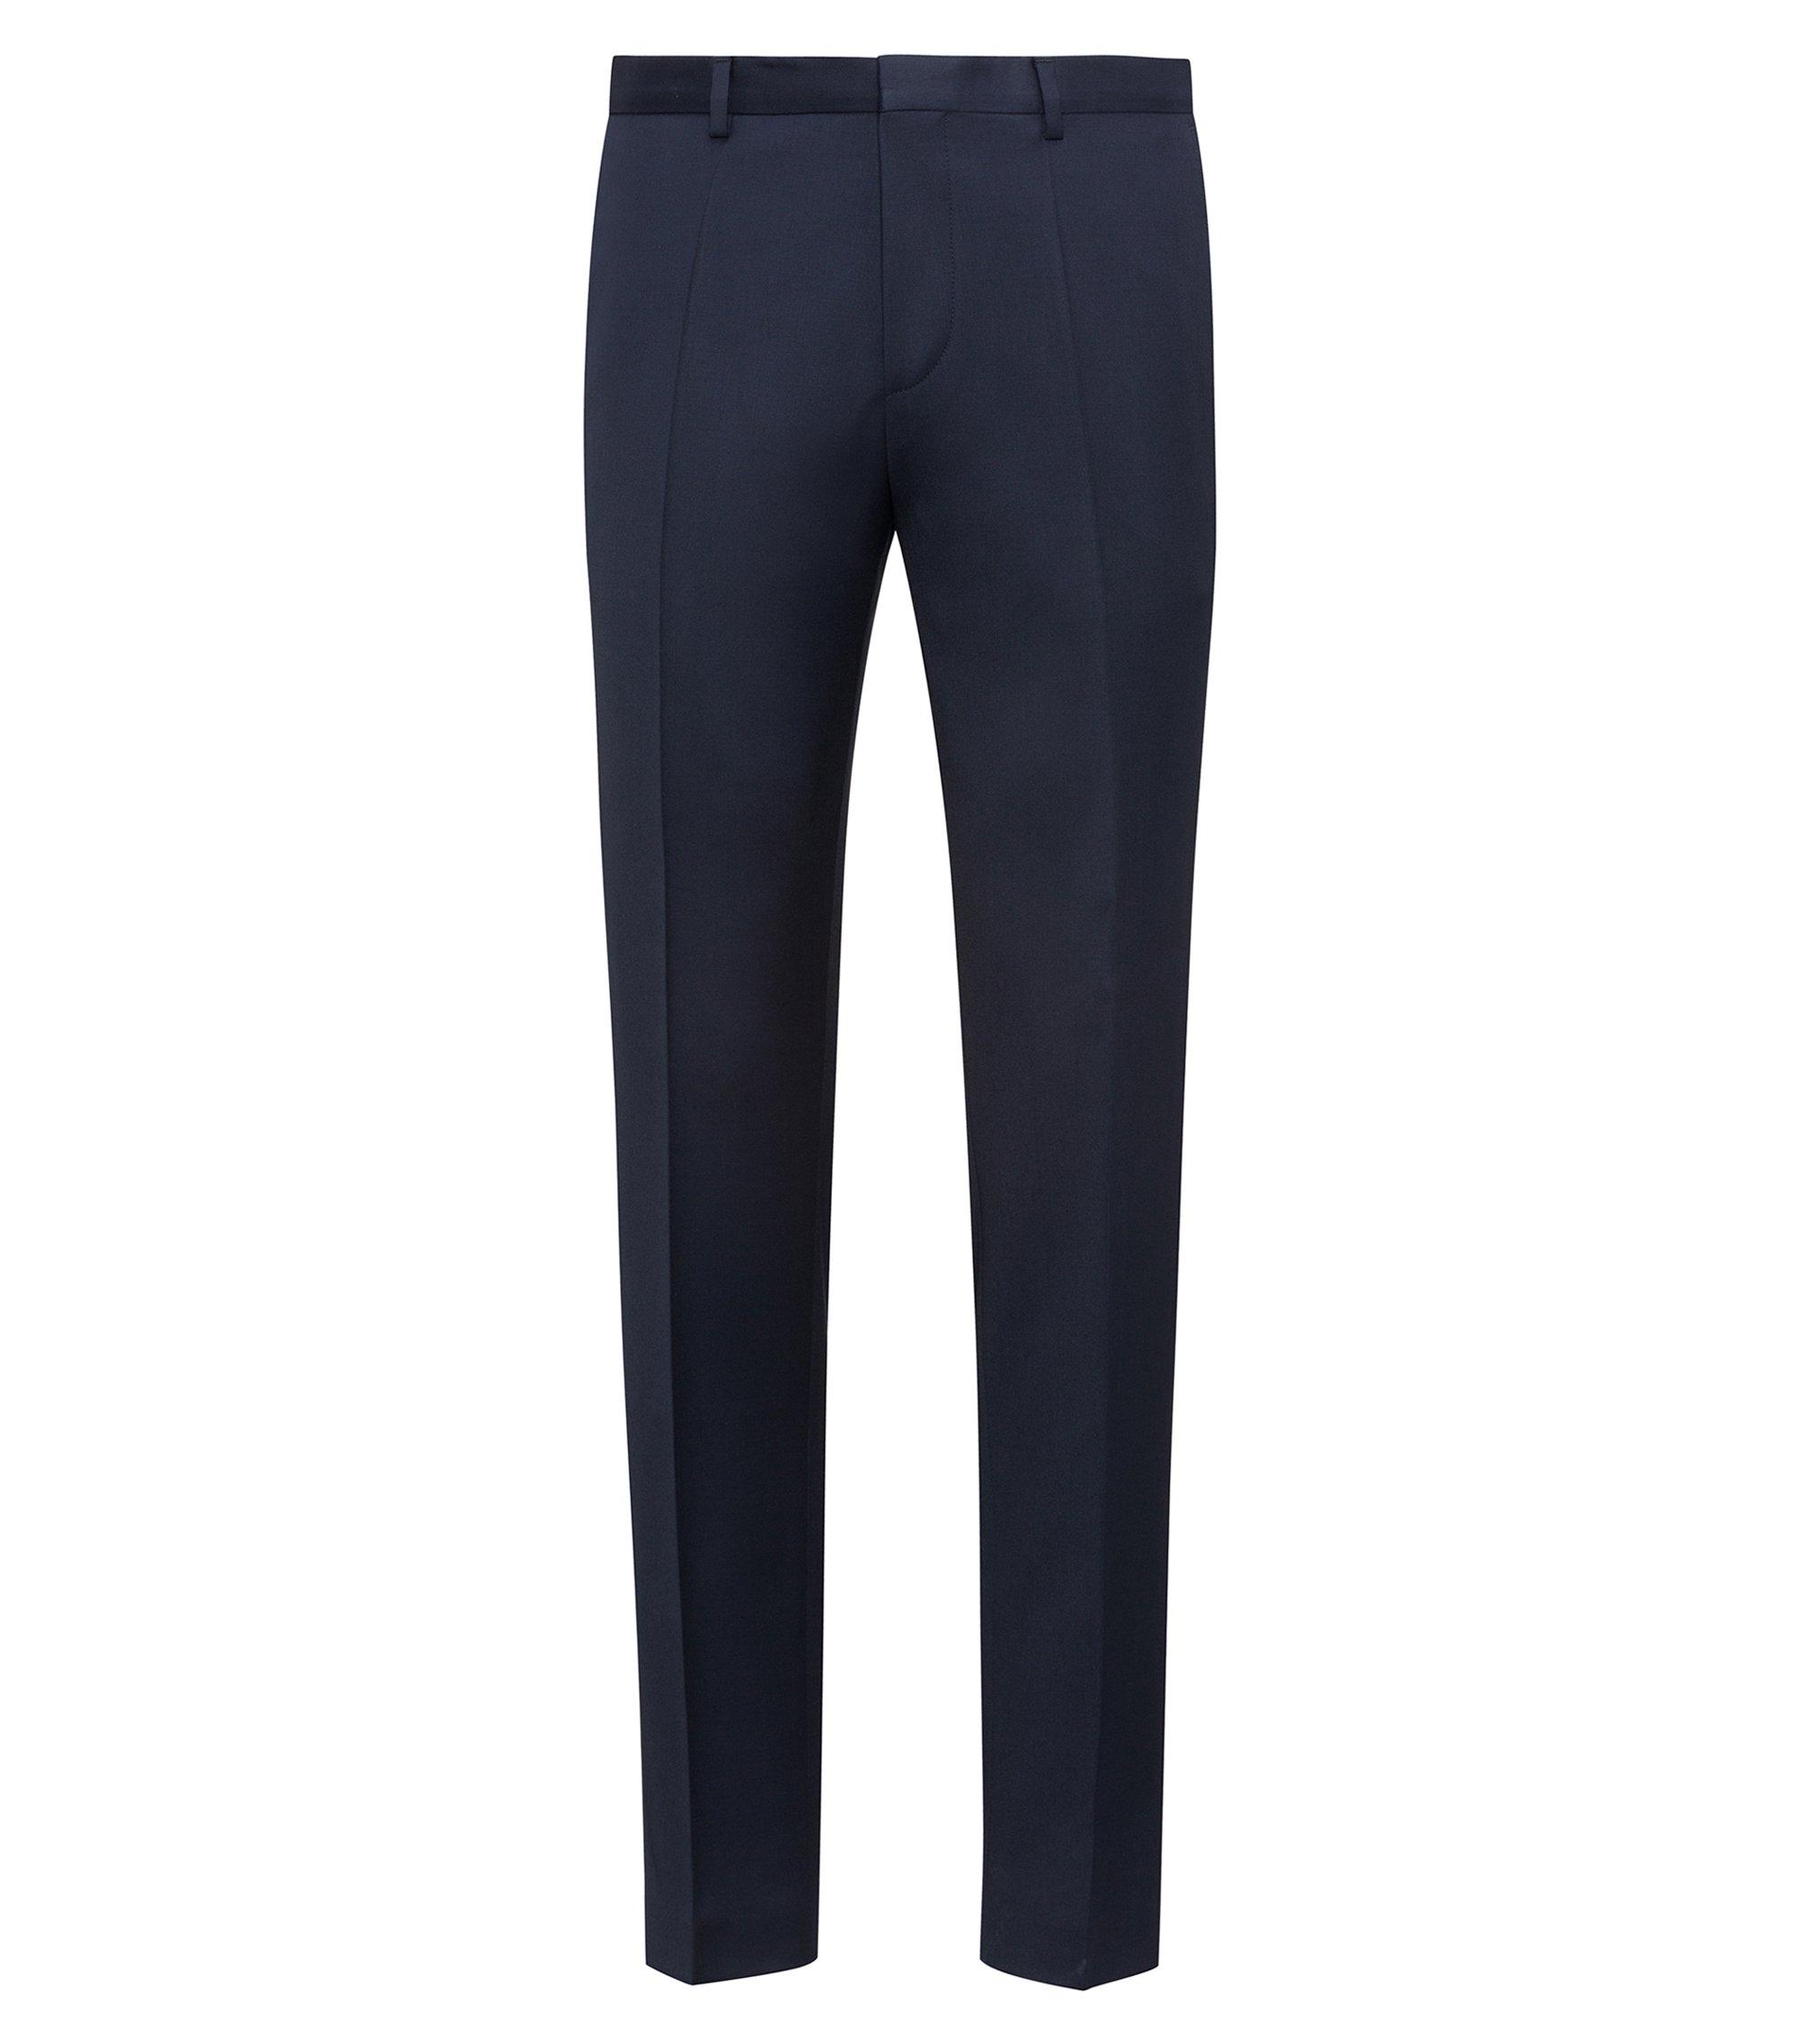 Pantalon Extra Slim Fit en laine vierge teinte avec des pigments, Bleu foncé